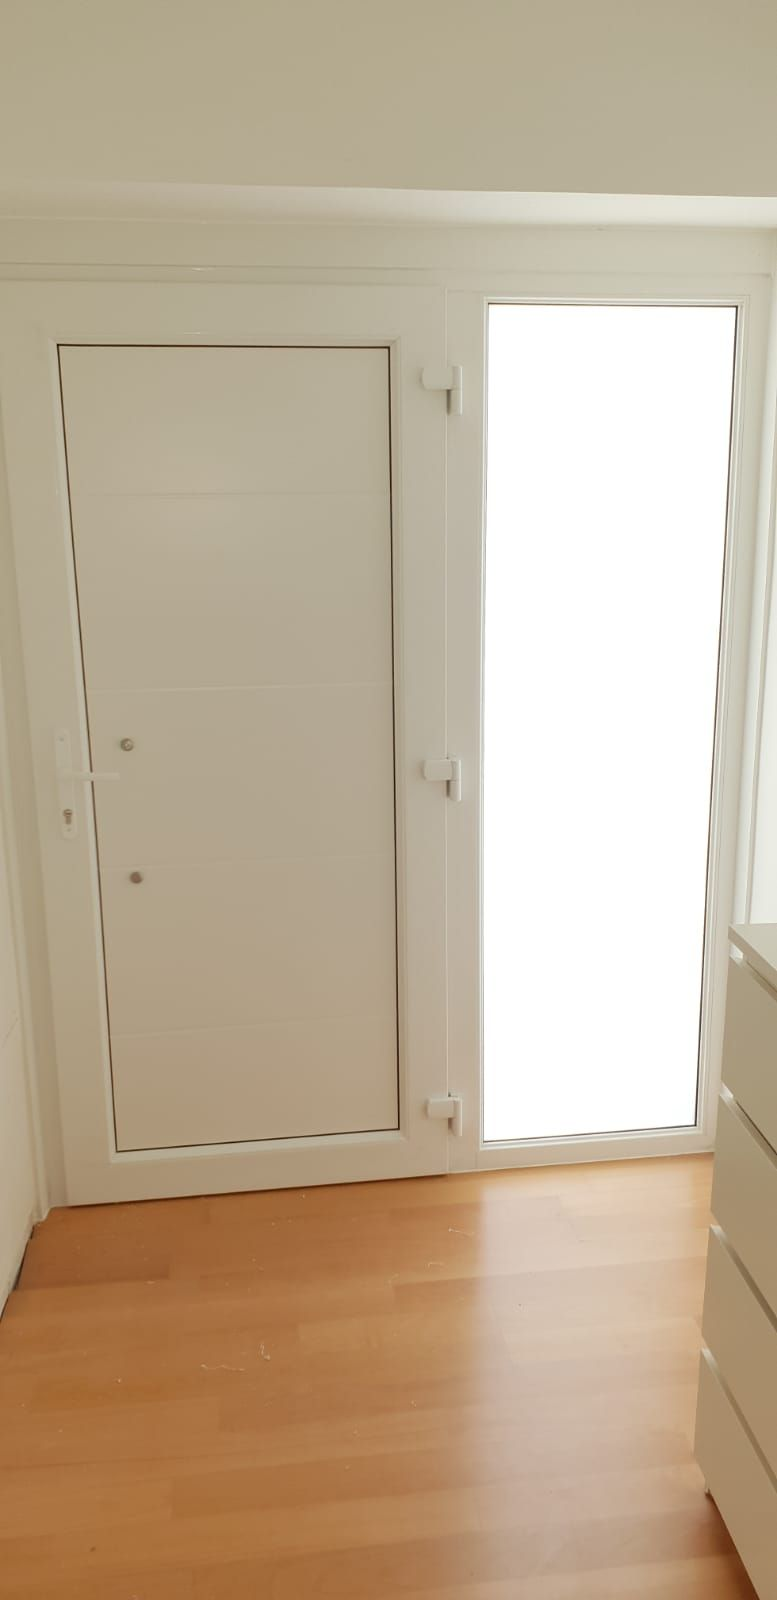 Foto 26 de Carpintería de aluminio y PVC en Collado Villalba | Ventaglass Villalba